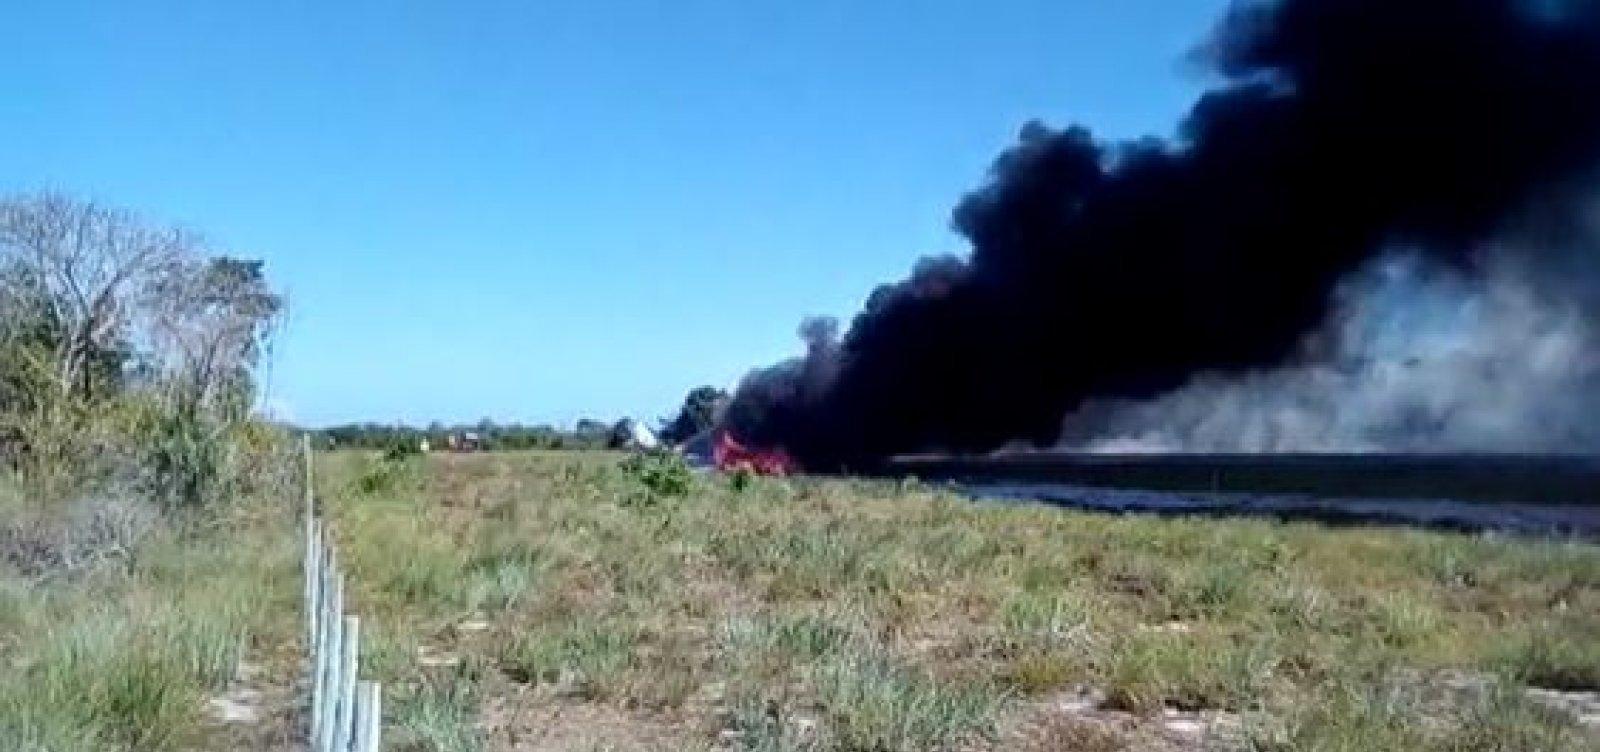 Piloto de avião que caiu em Maraú recebe alta